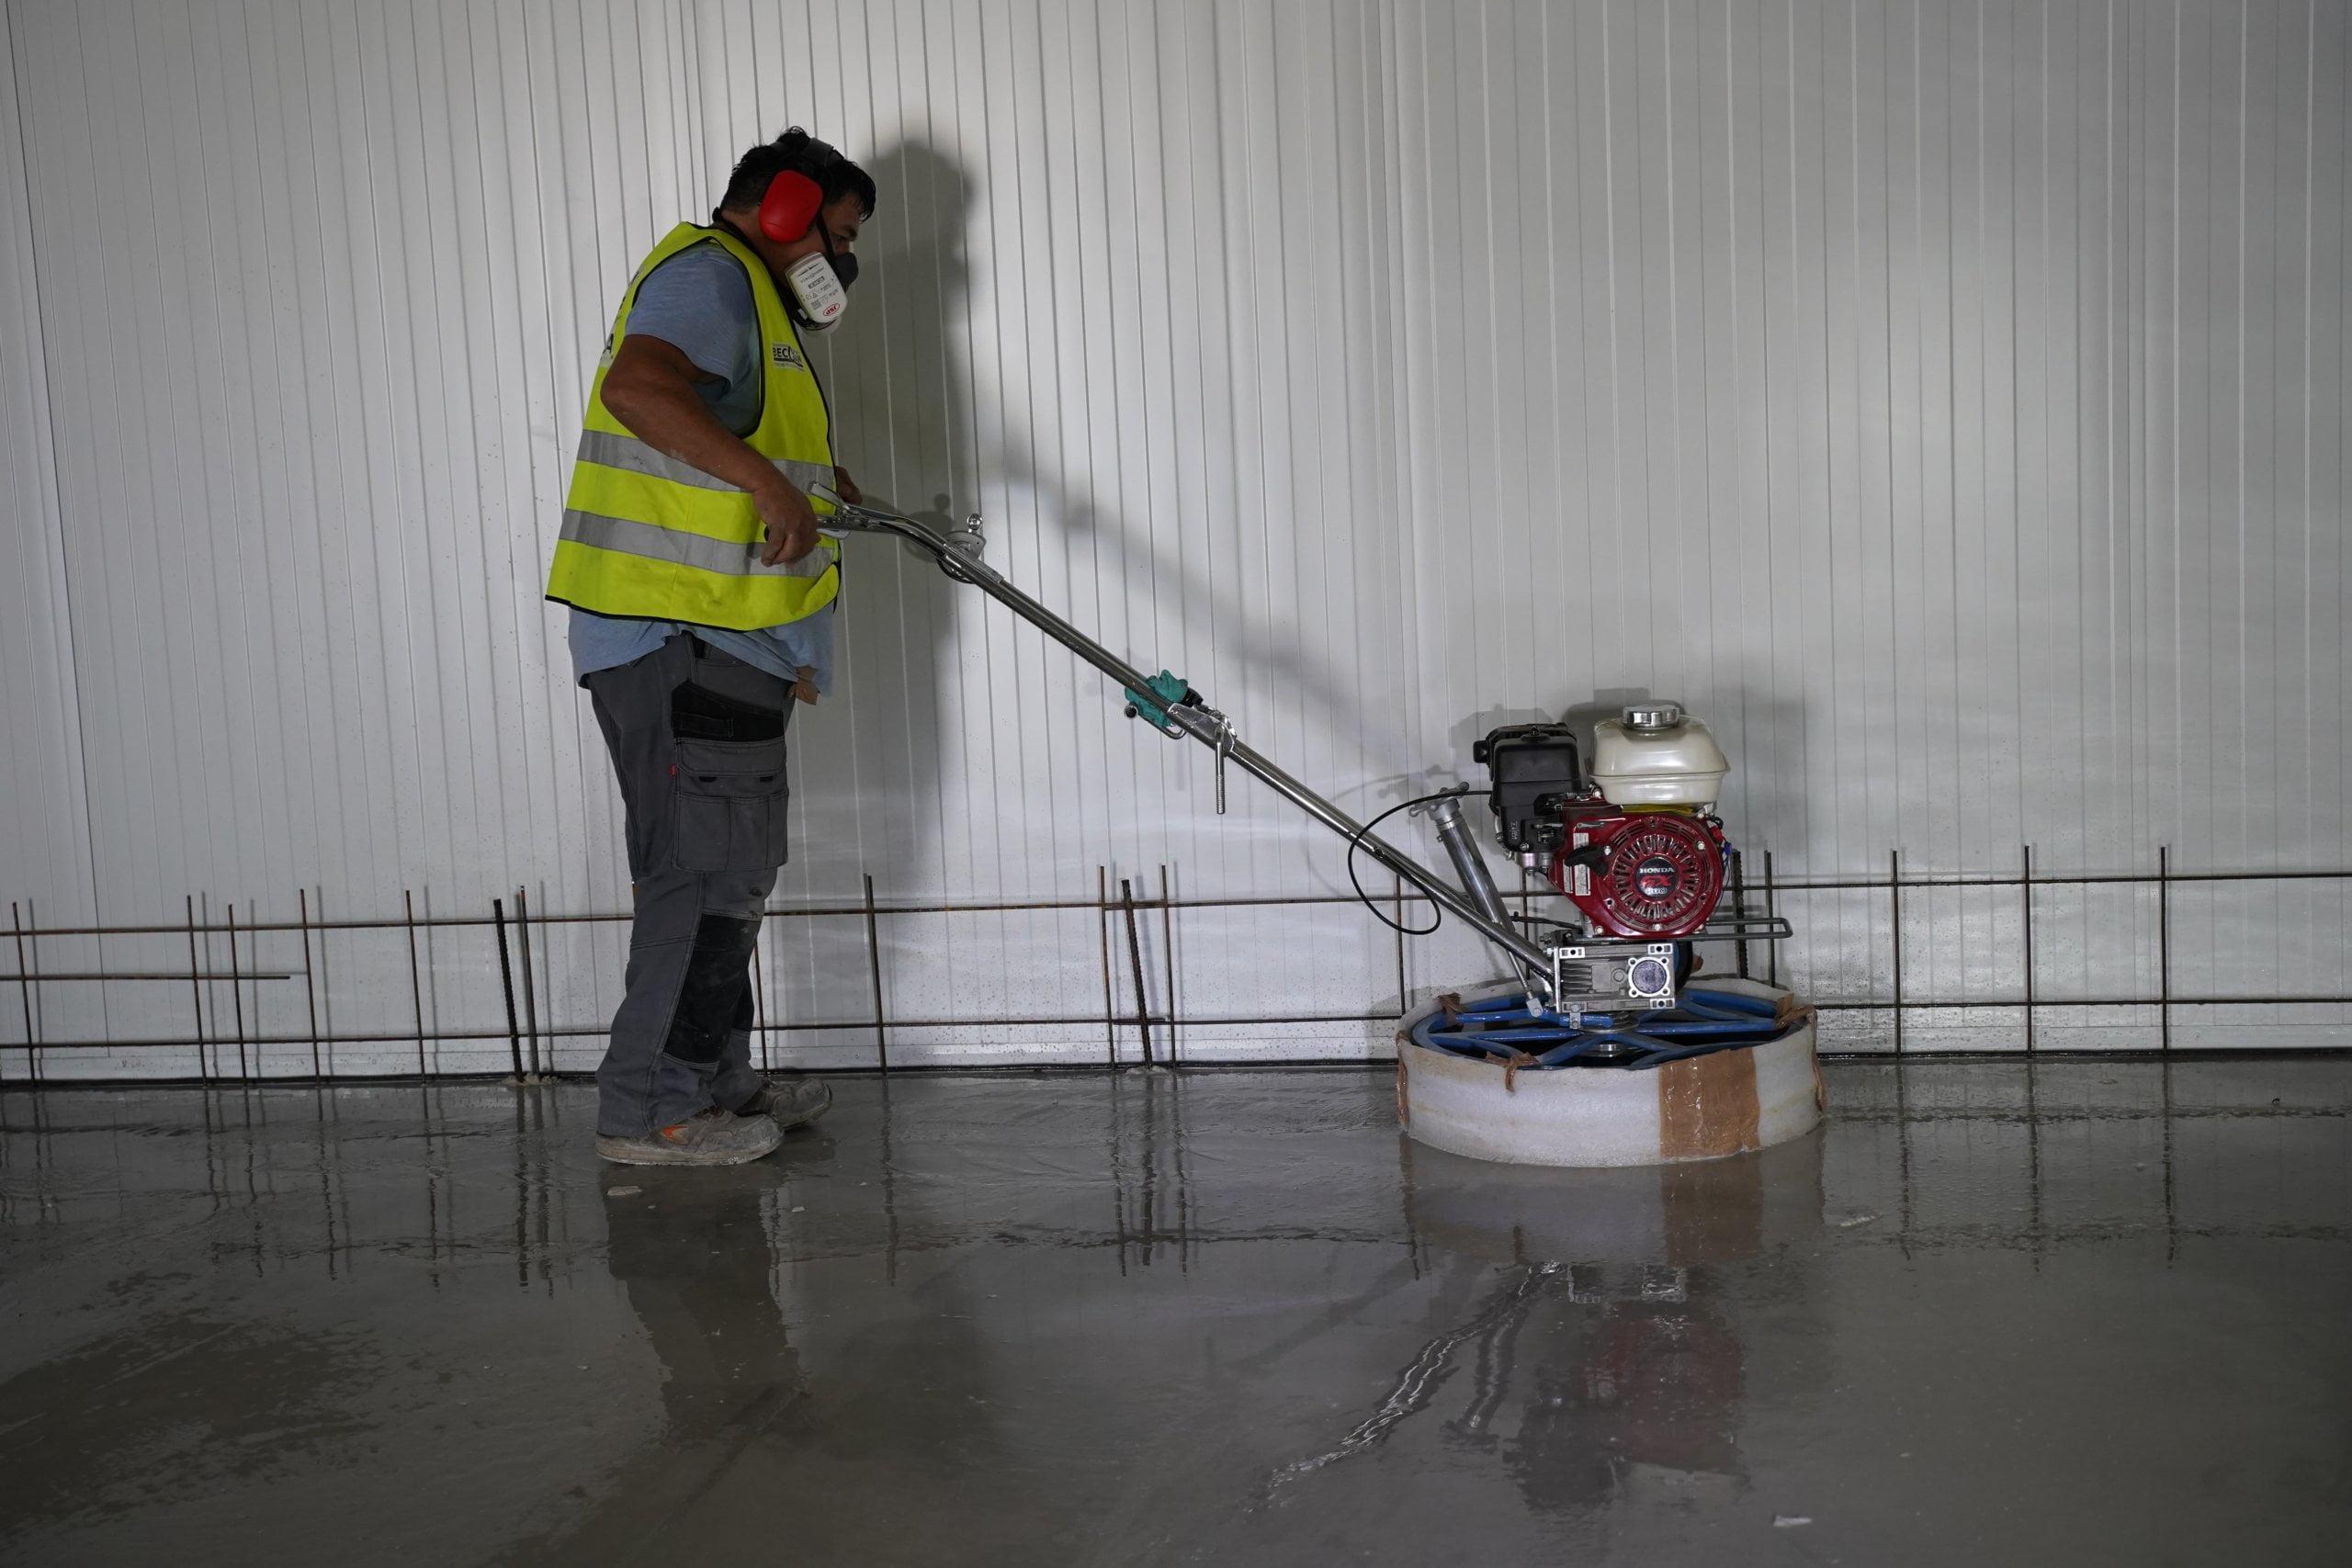 Power Trowel BT120 grinding concrete